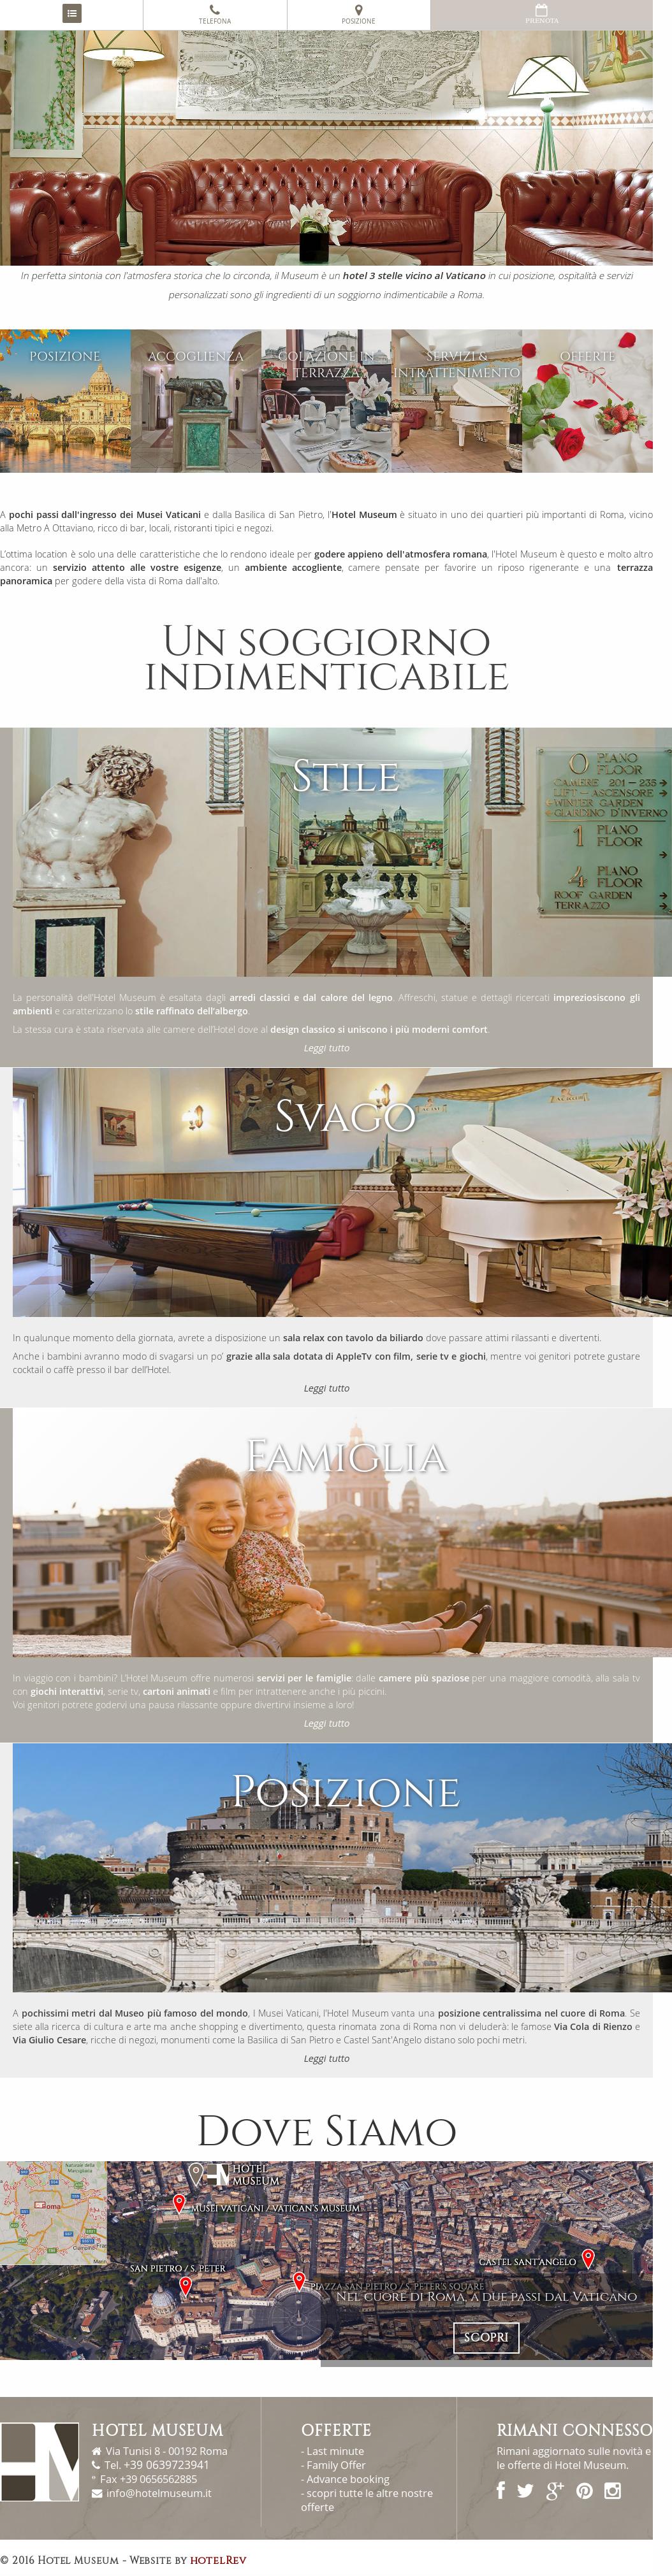 Hotel Alimandi Tunisi Roma Competitors Revenue And